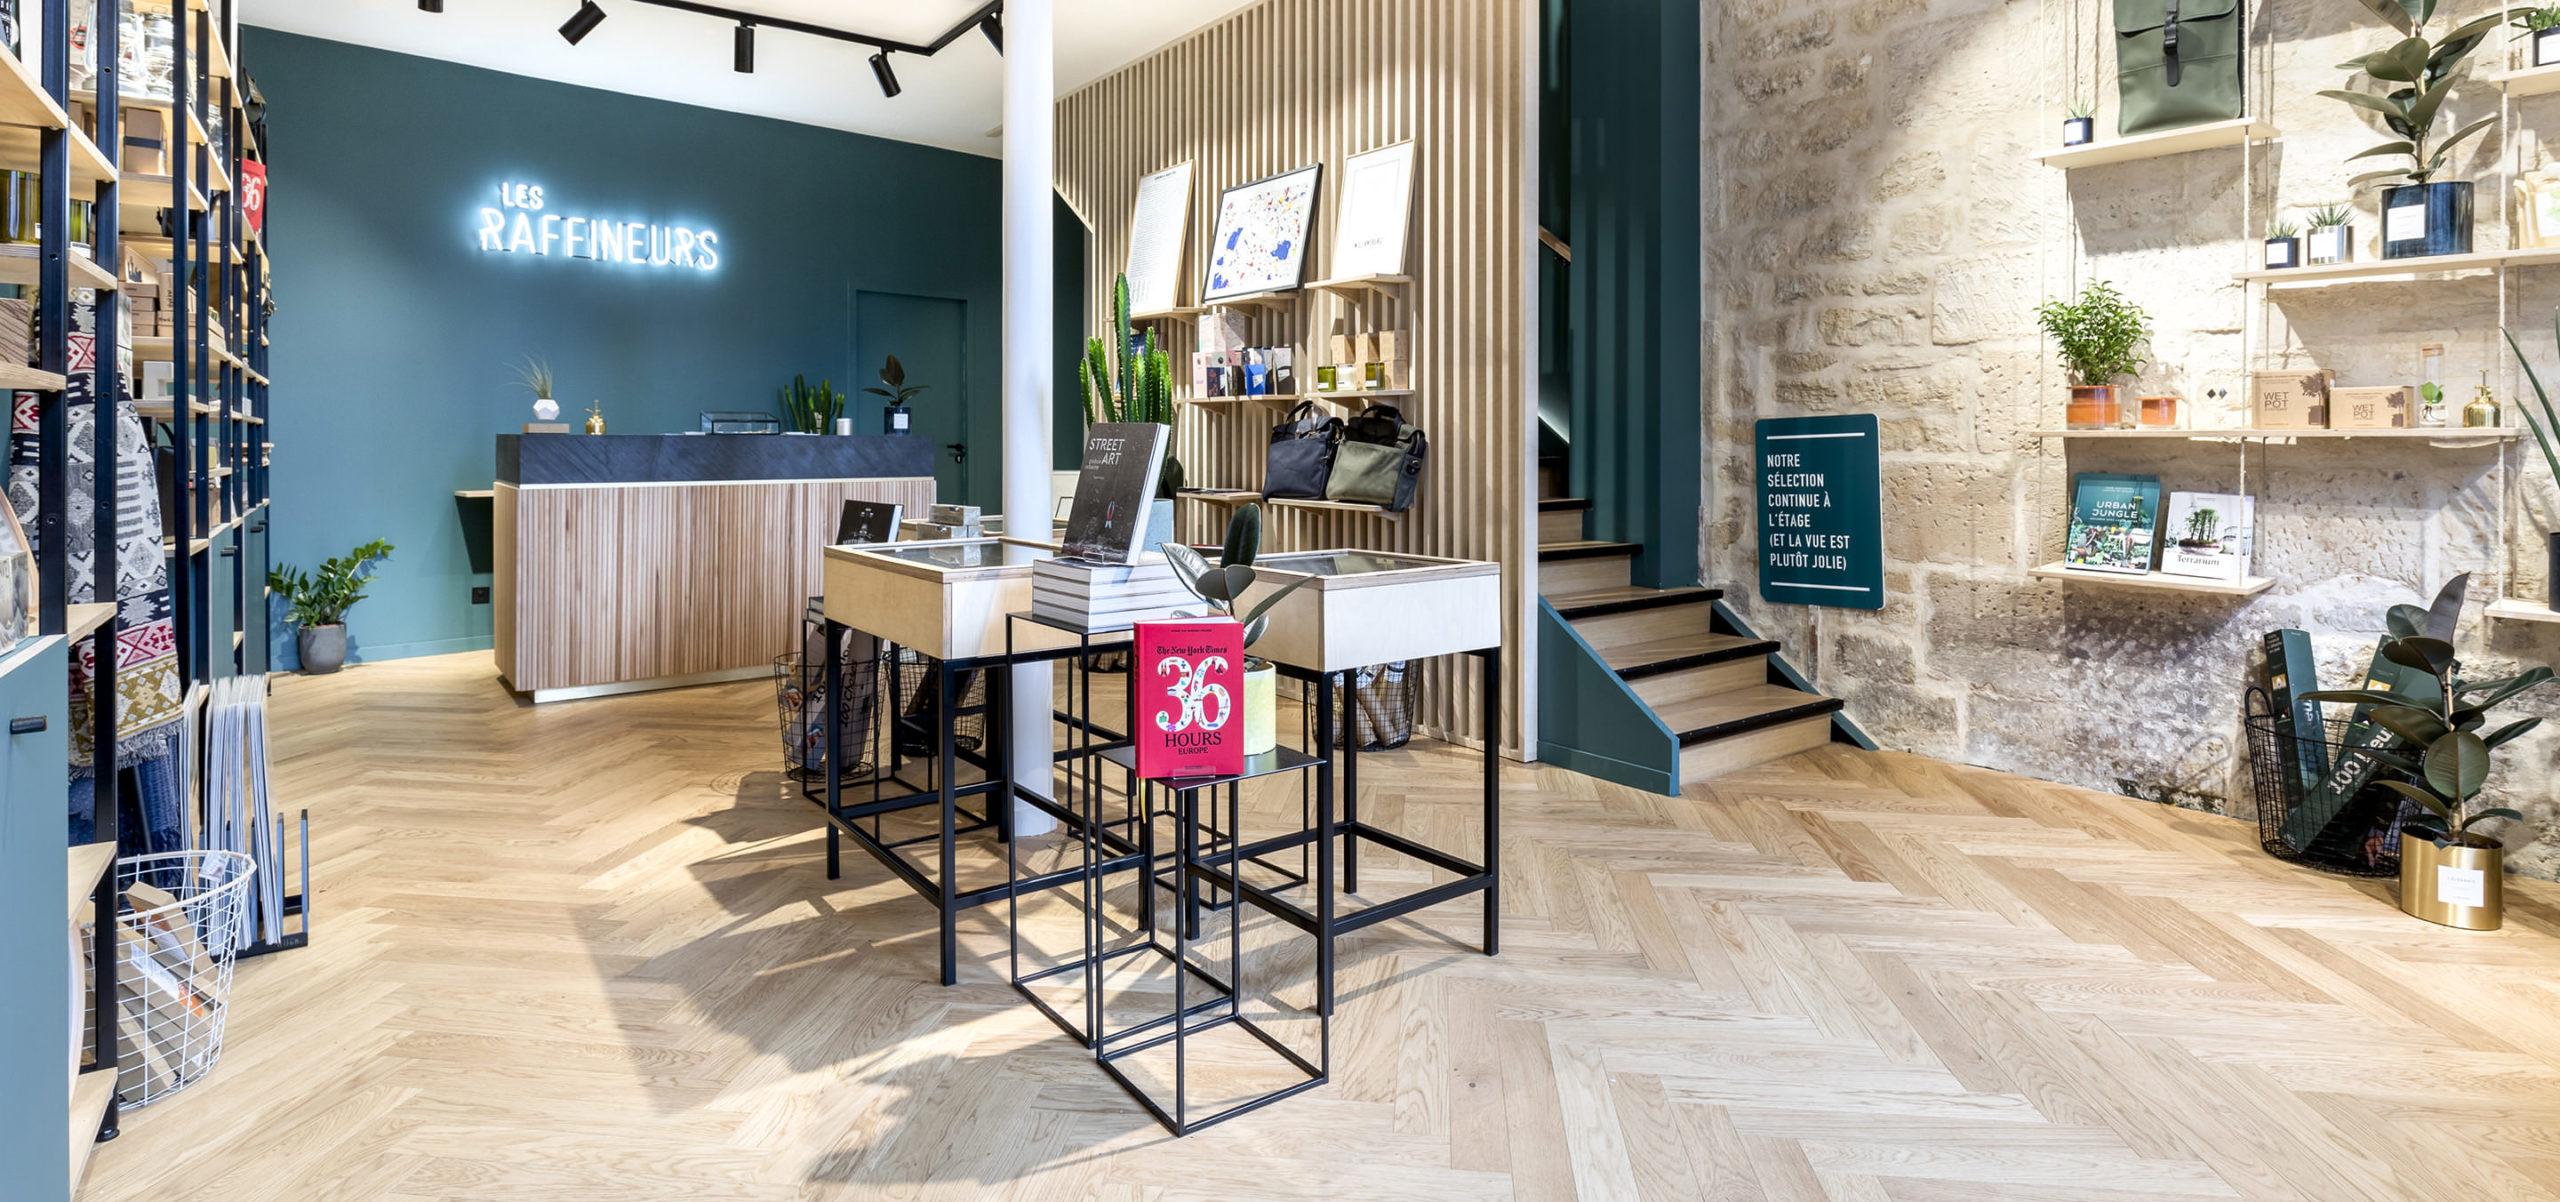 Label Experience : vue des caisses à l'intérieur de la boutique Les Raffineurs à Bastille